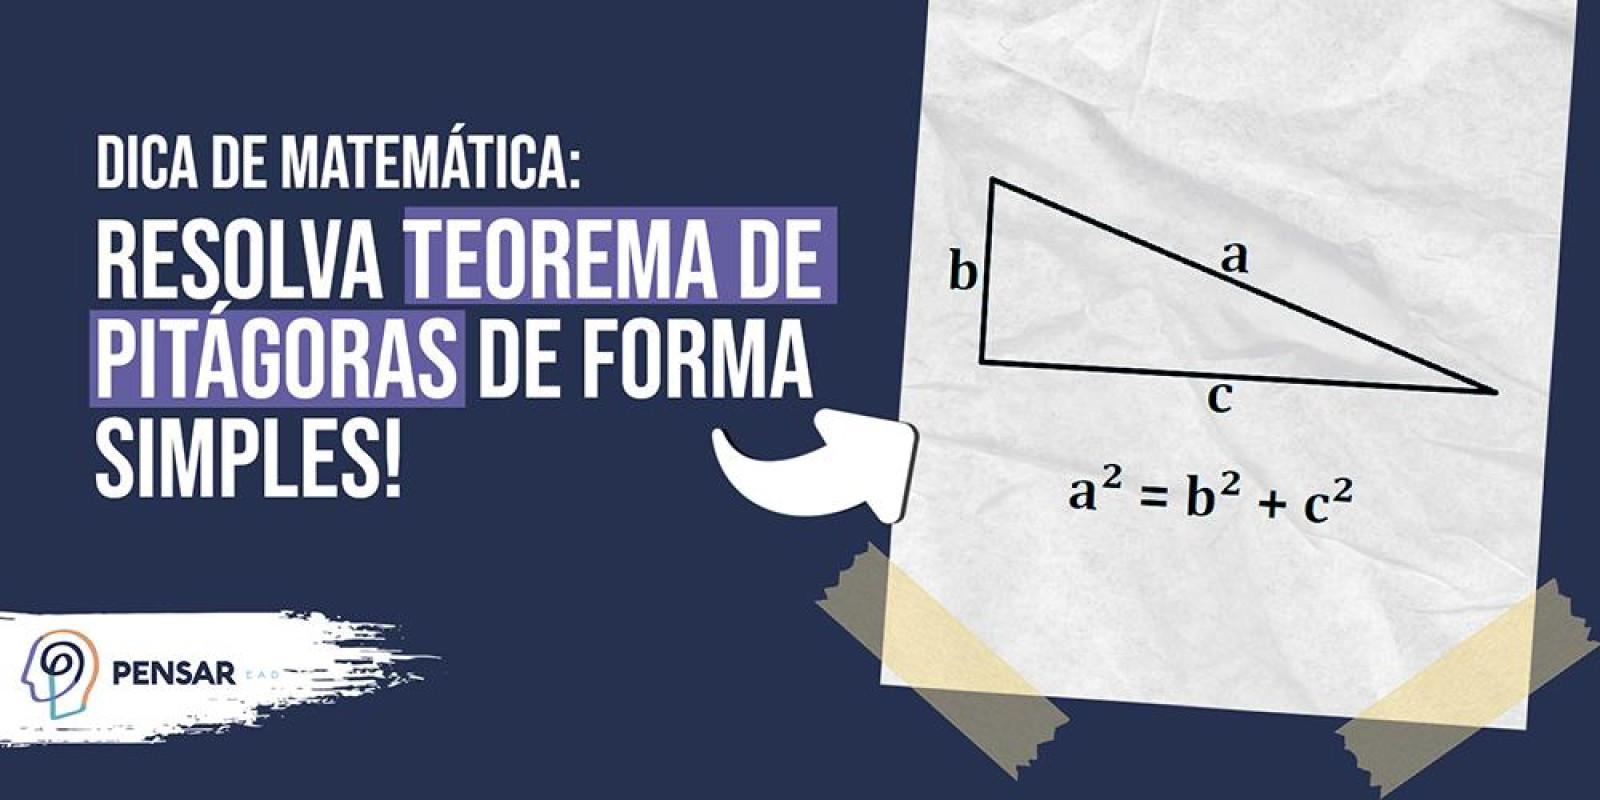 Dica de matemática: resolva teorema de Pitágoras de forma simples!